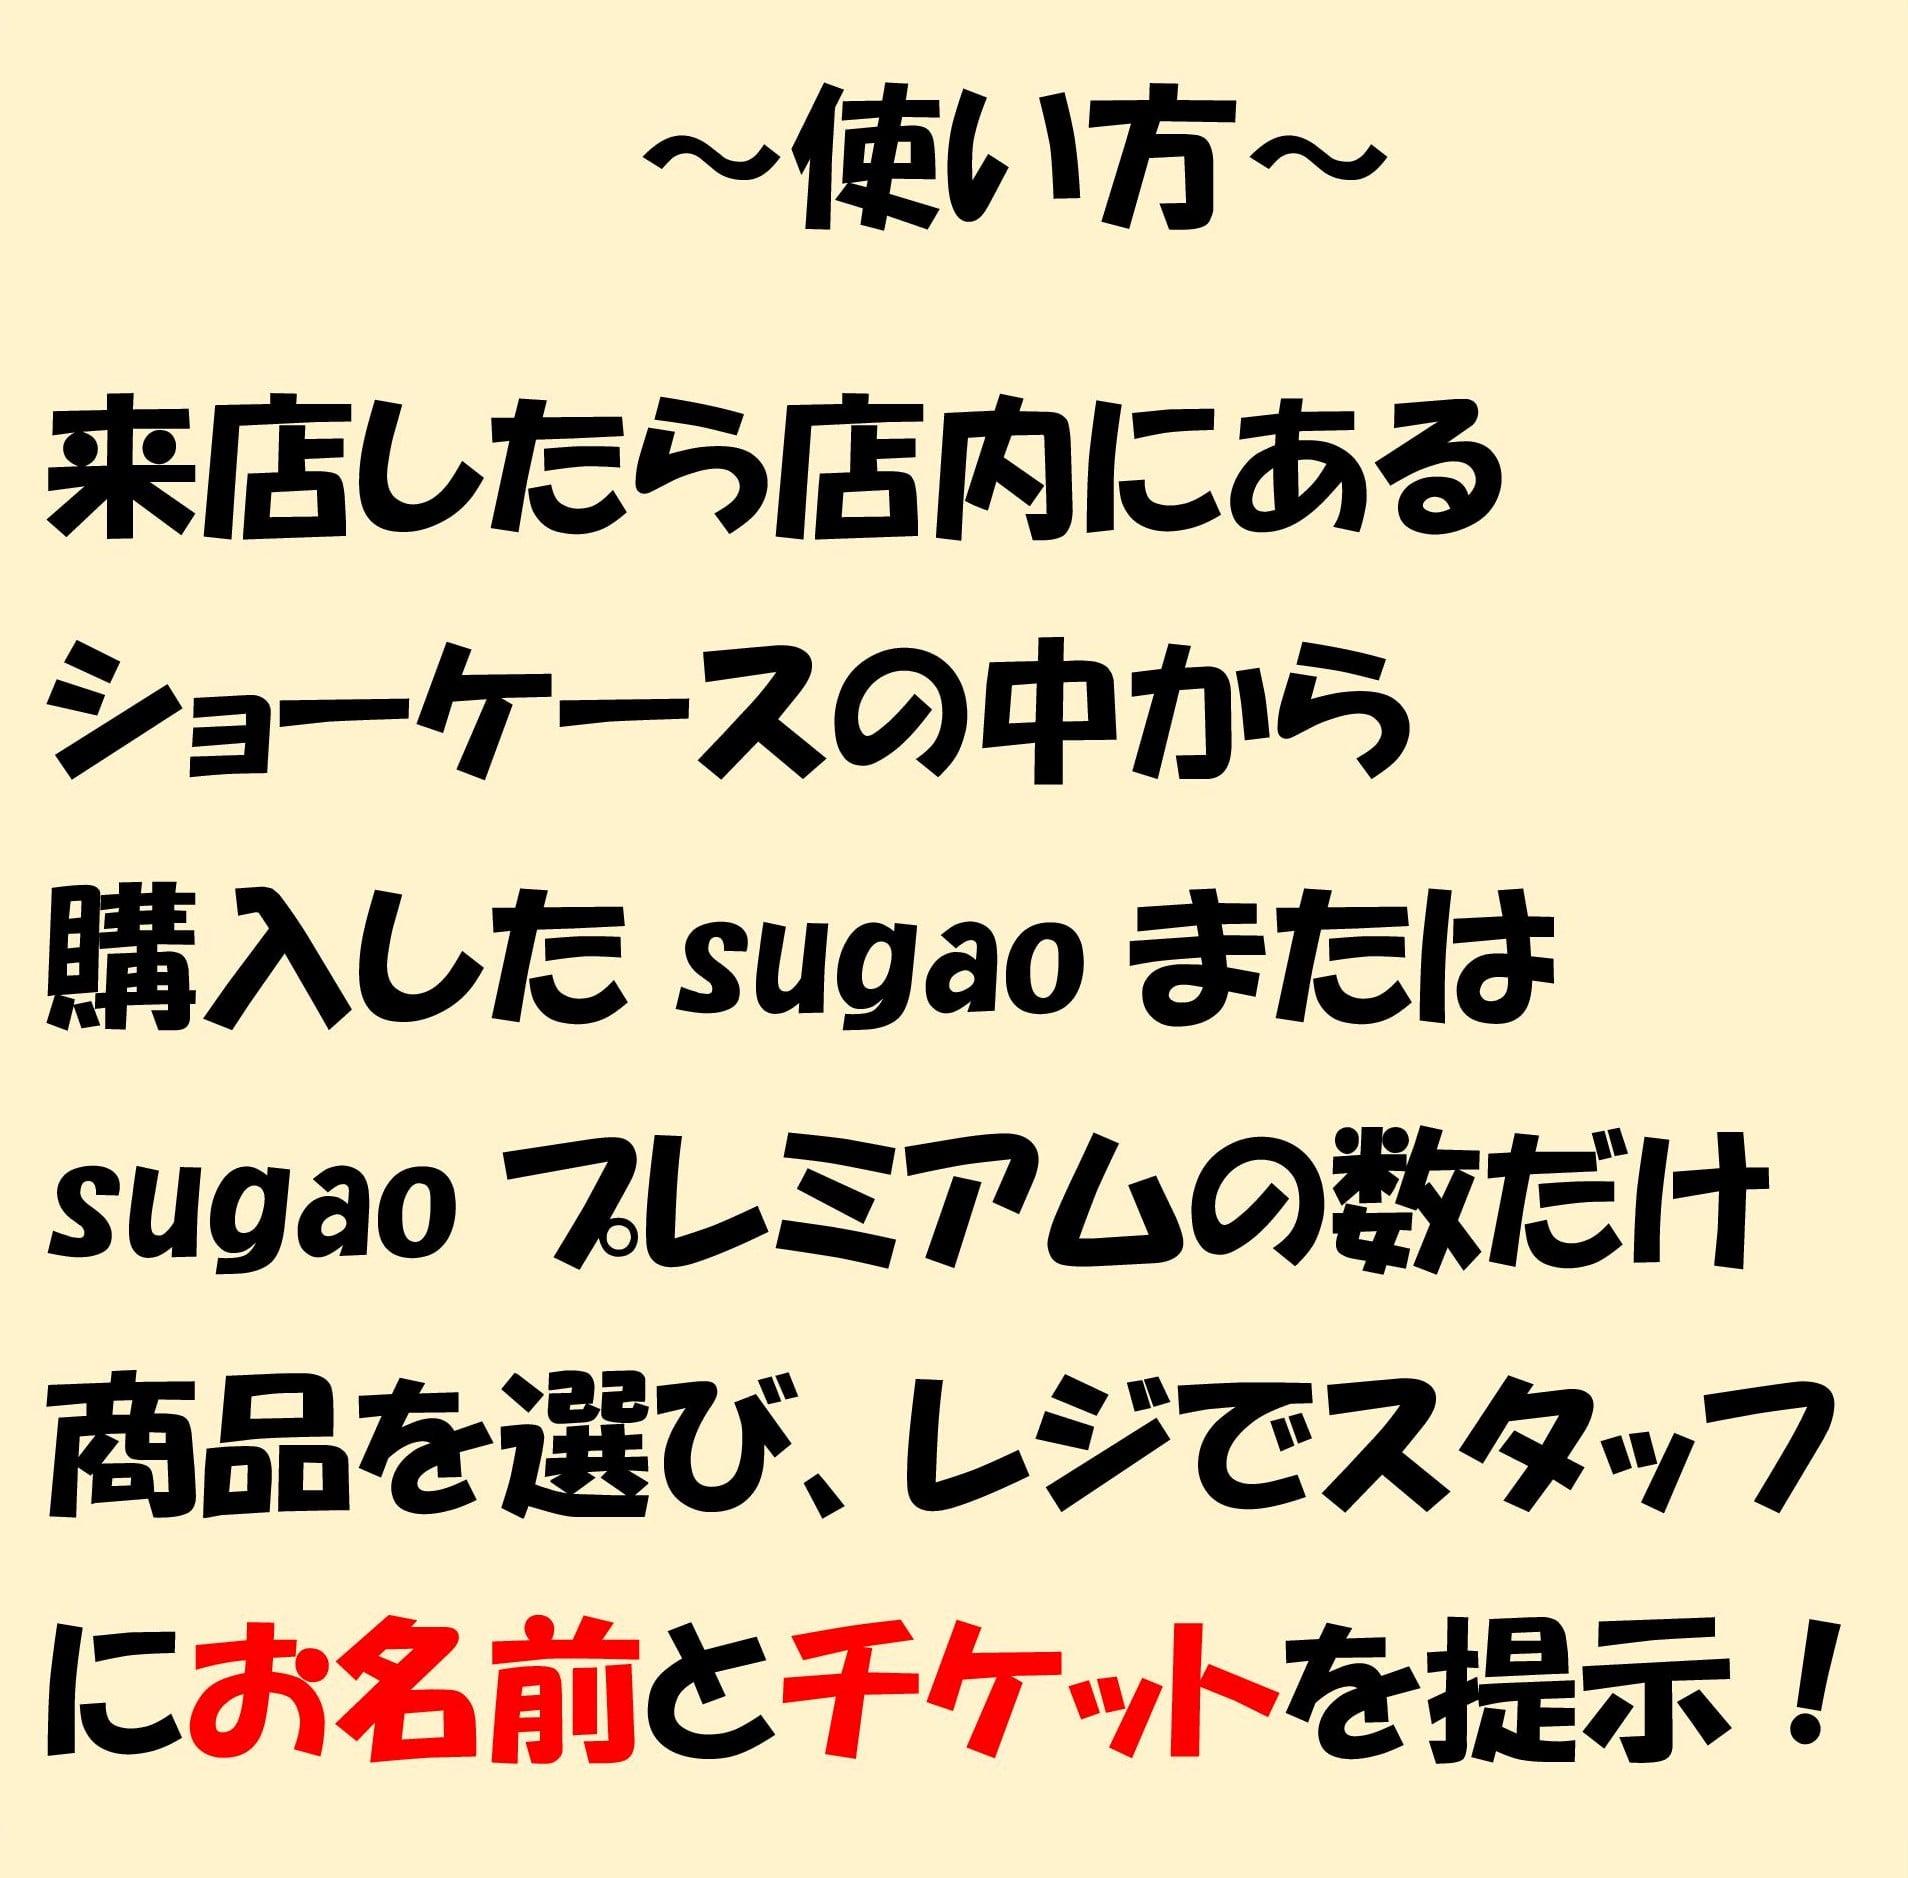 【テイクアウト専用】ジェラートSUGAOカップのイメージその4